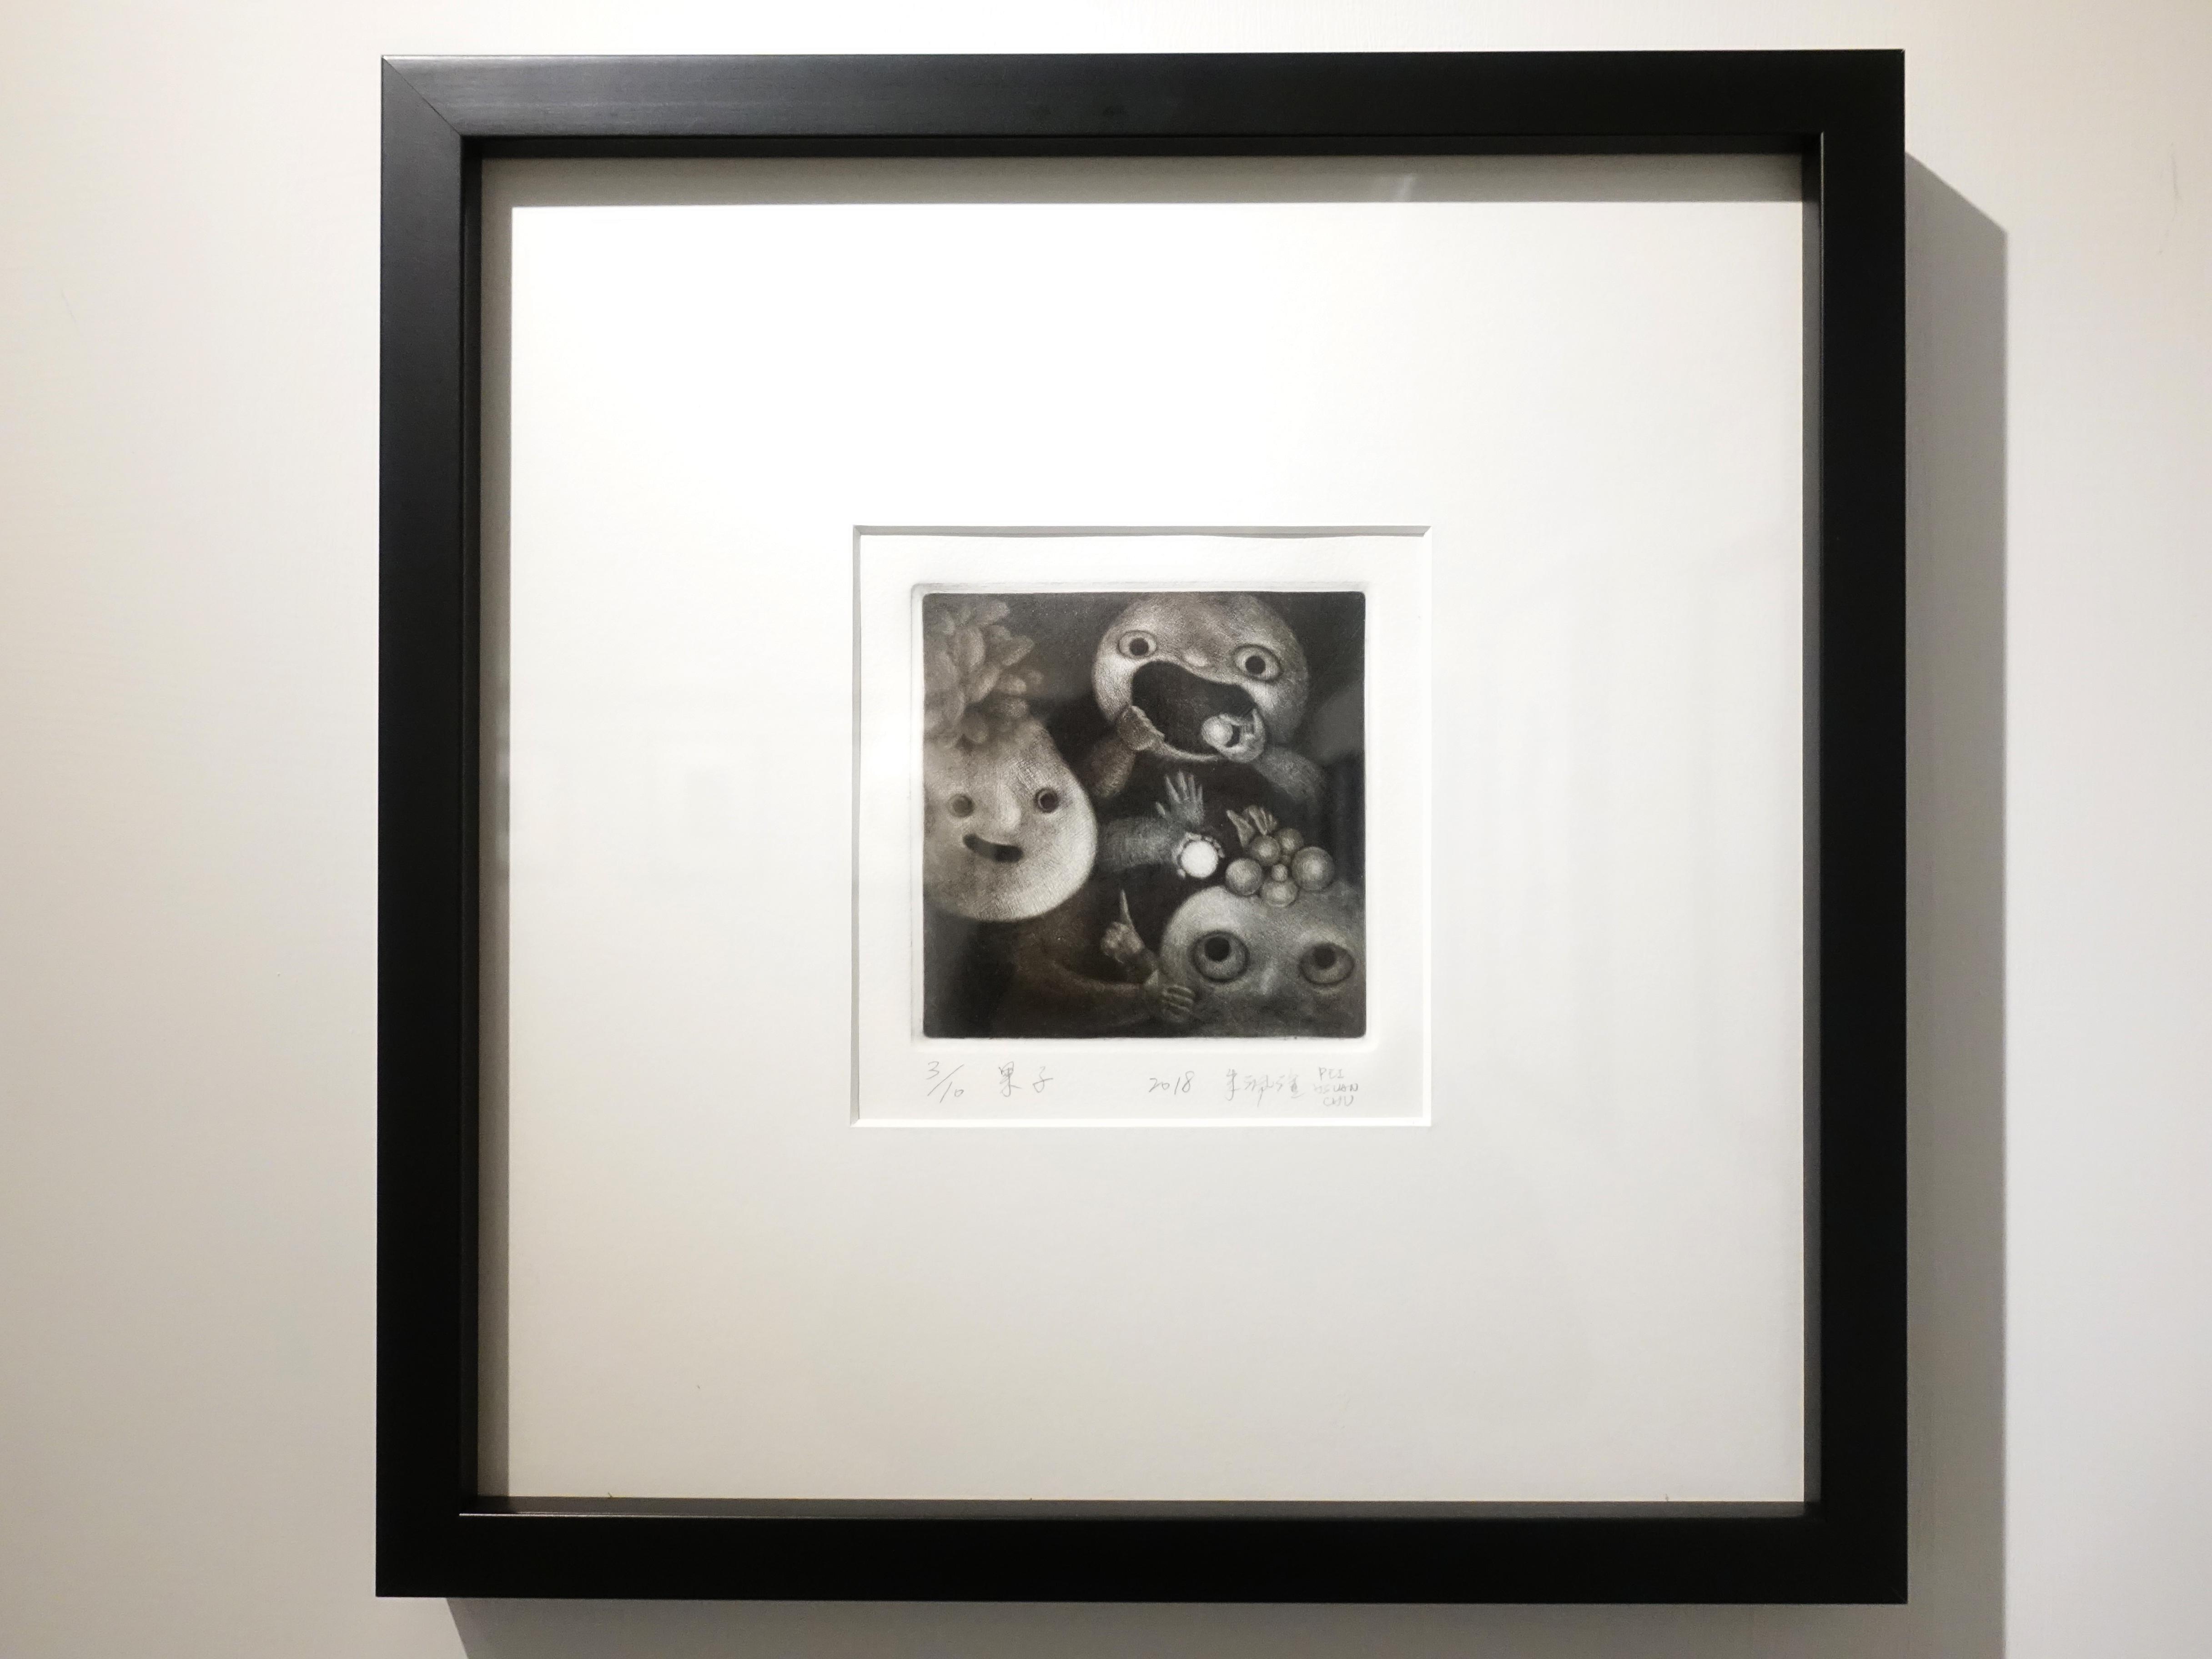 朱珮瑄,《果子》,11.5 x 11.5 cm,美柔丁3/10,2018。